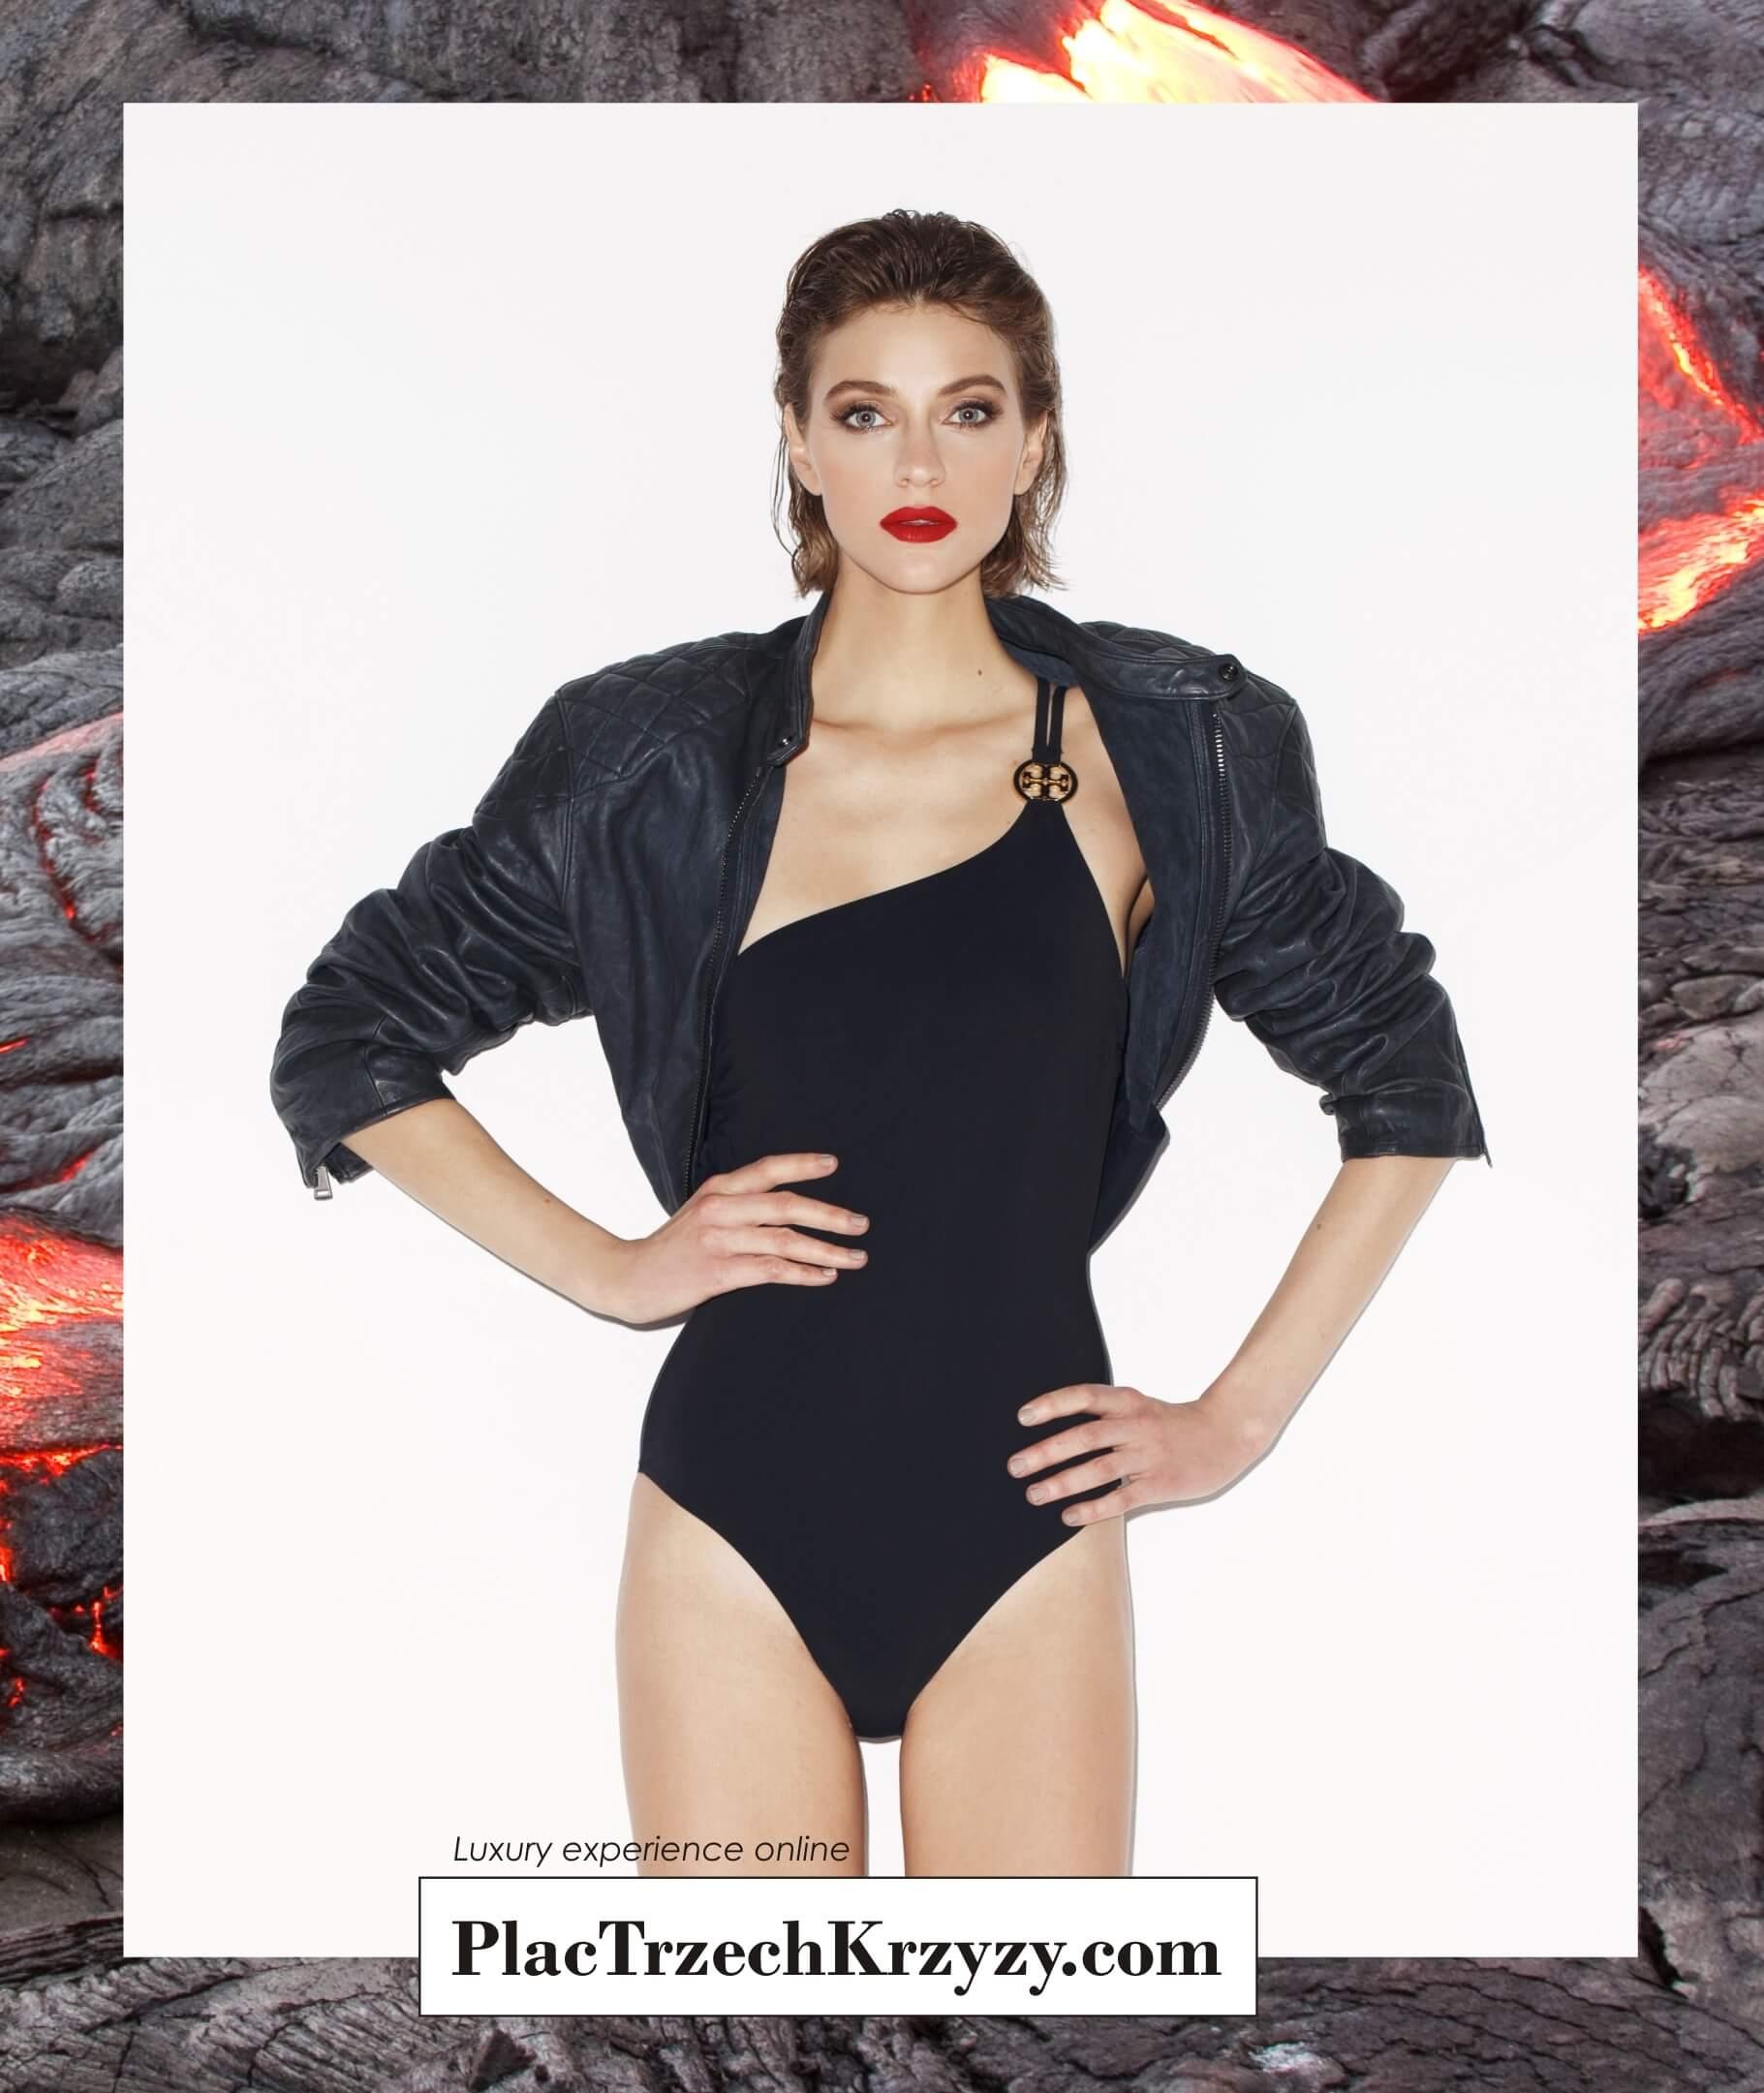 News Osobowości  Modelka Renata Kaczoruk w sesji sklepu online PlacTrzechKrzyzy.com  na sezon wiosna/lato 2015